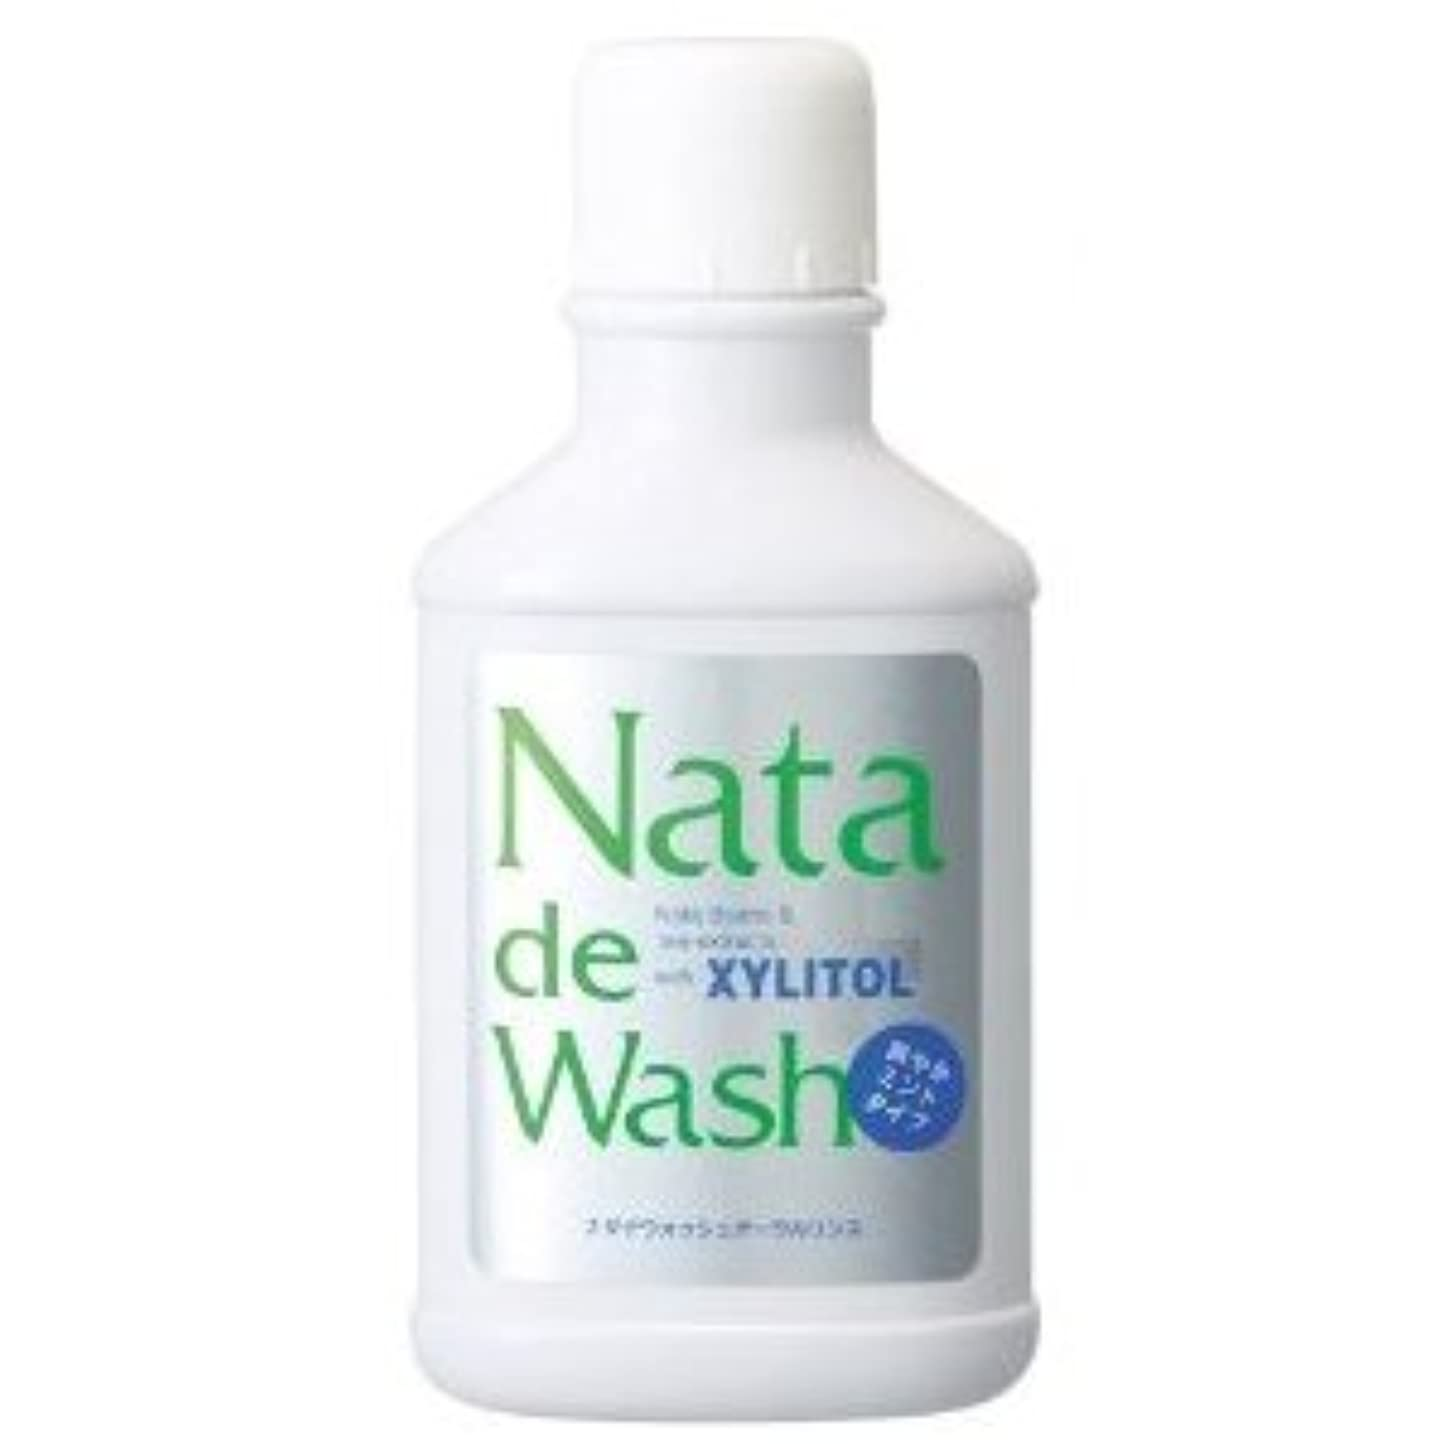 イソギンチャク鼻闇お得な3本セット 20秒の口臭対策 ナタデウォッシュ 500ml ナタデウォッシュEX×3